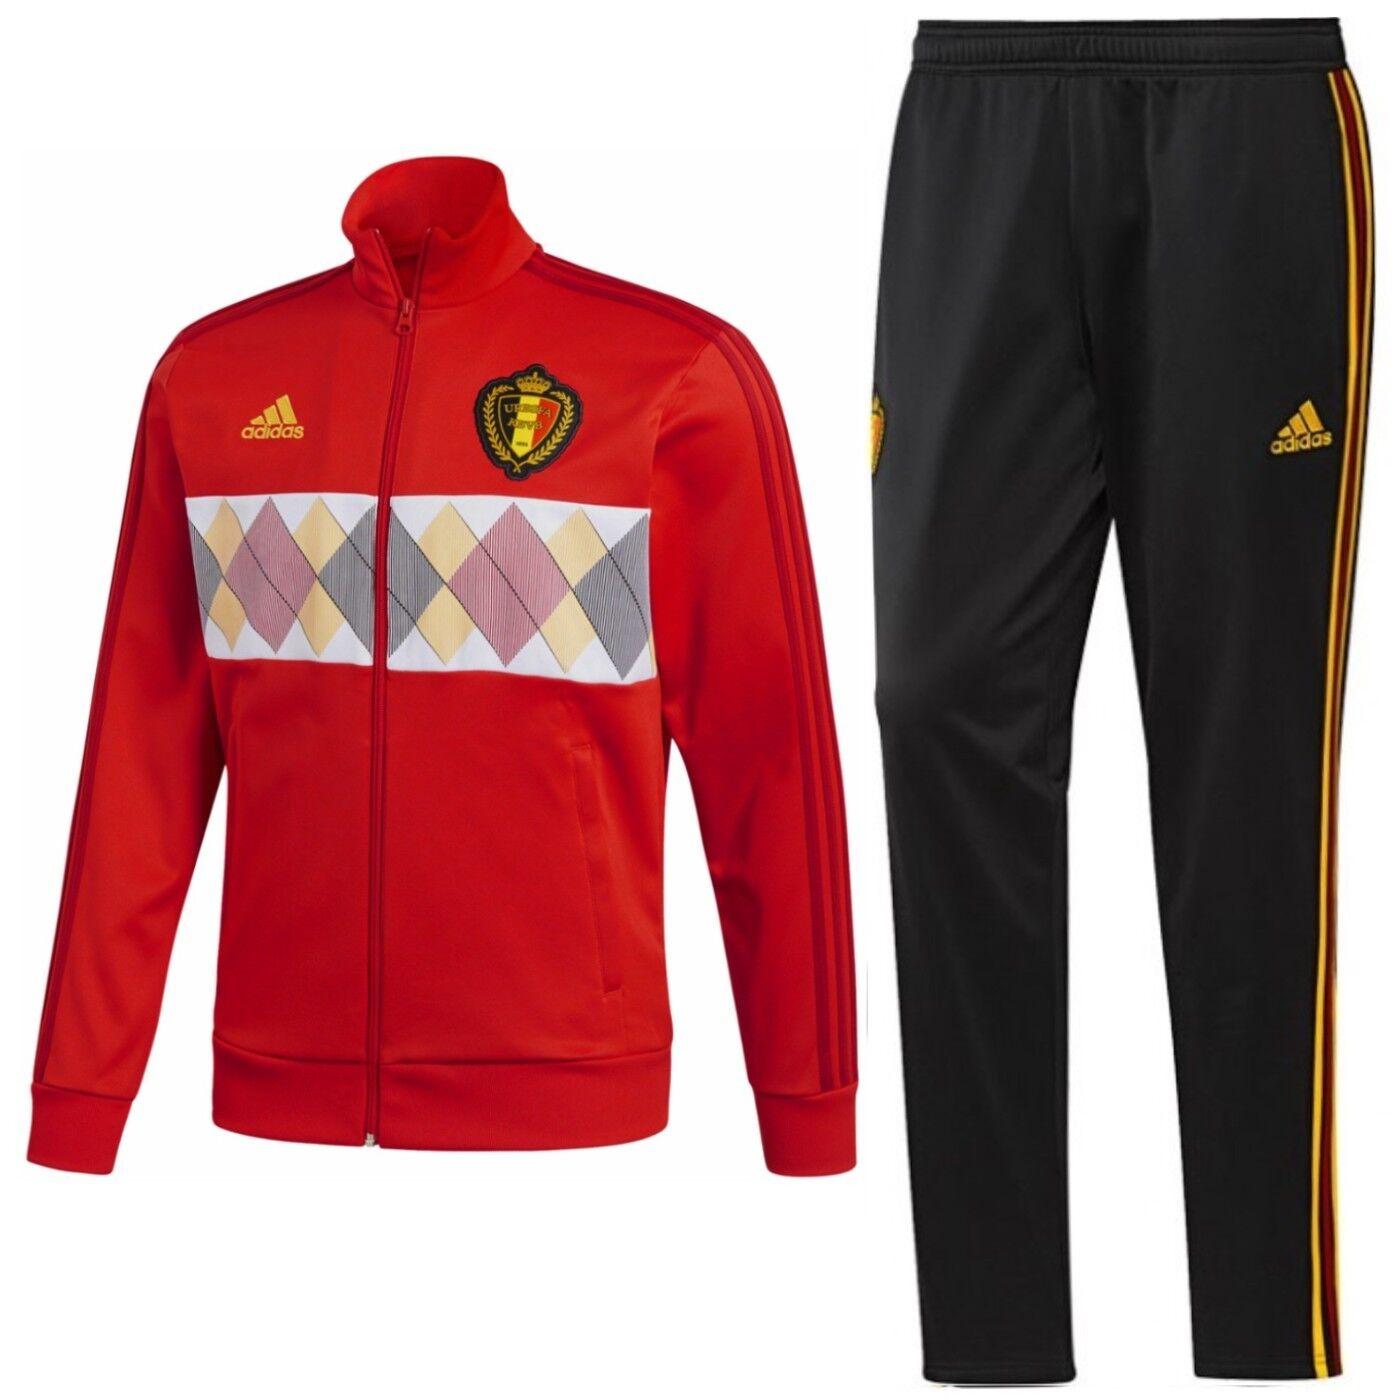 Tg M uomo  Tuta da allenamentorappresentanza nazionale Belgio 201819 Adidas